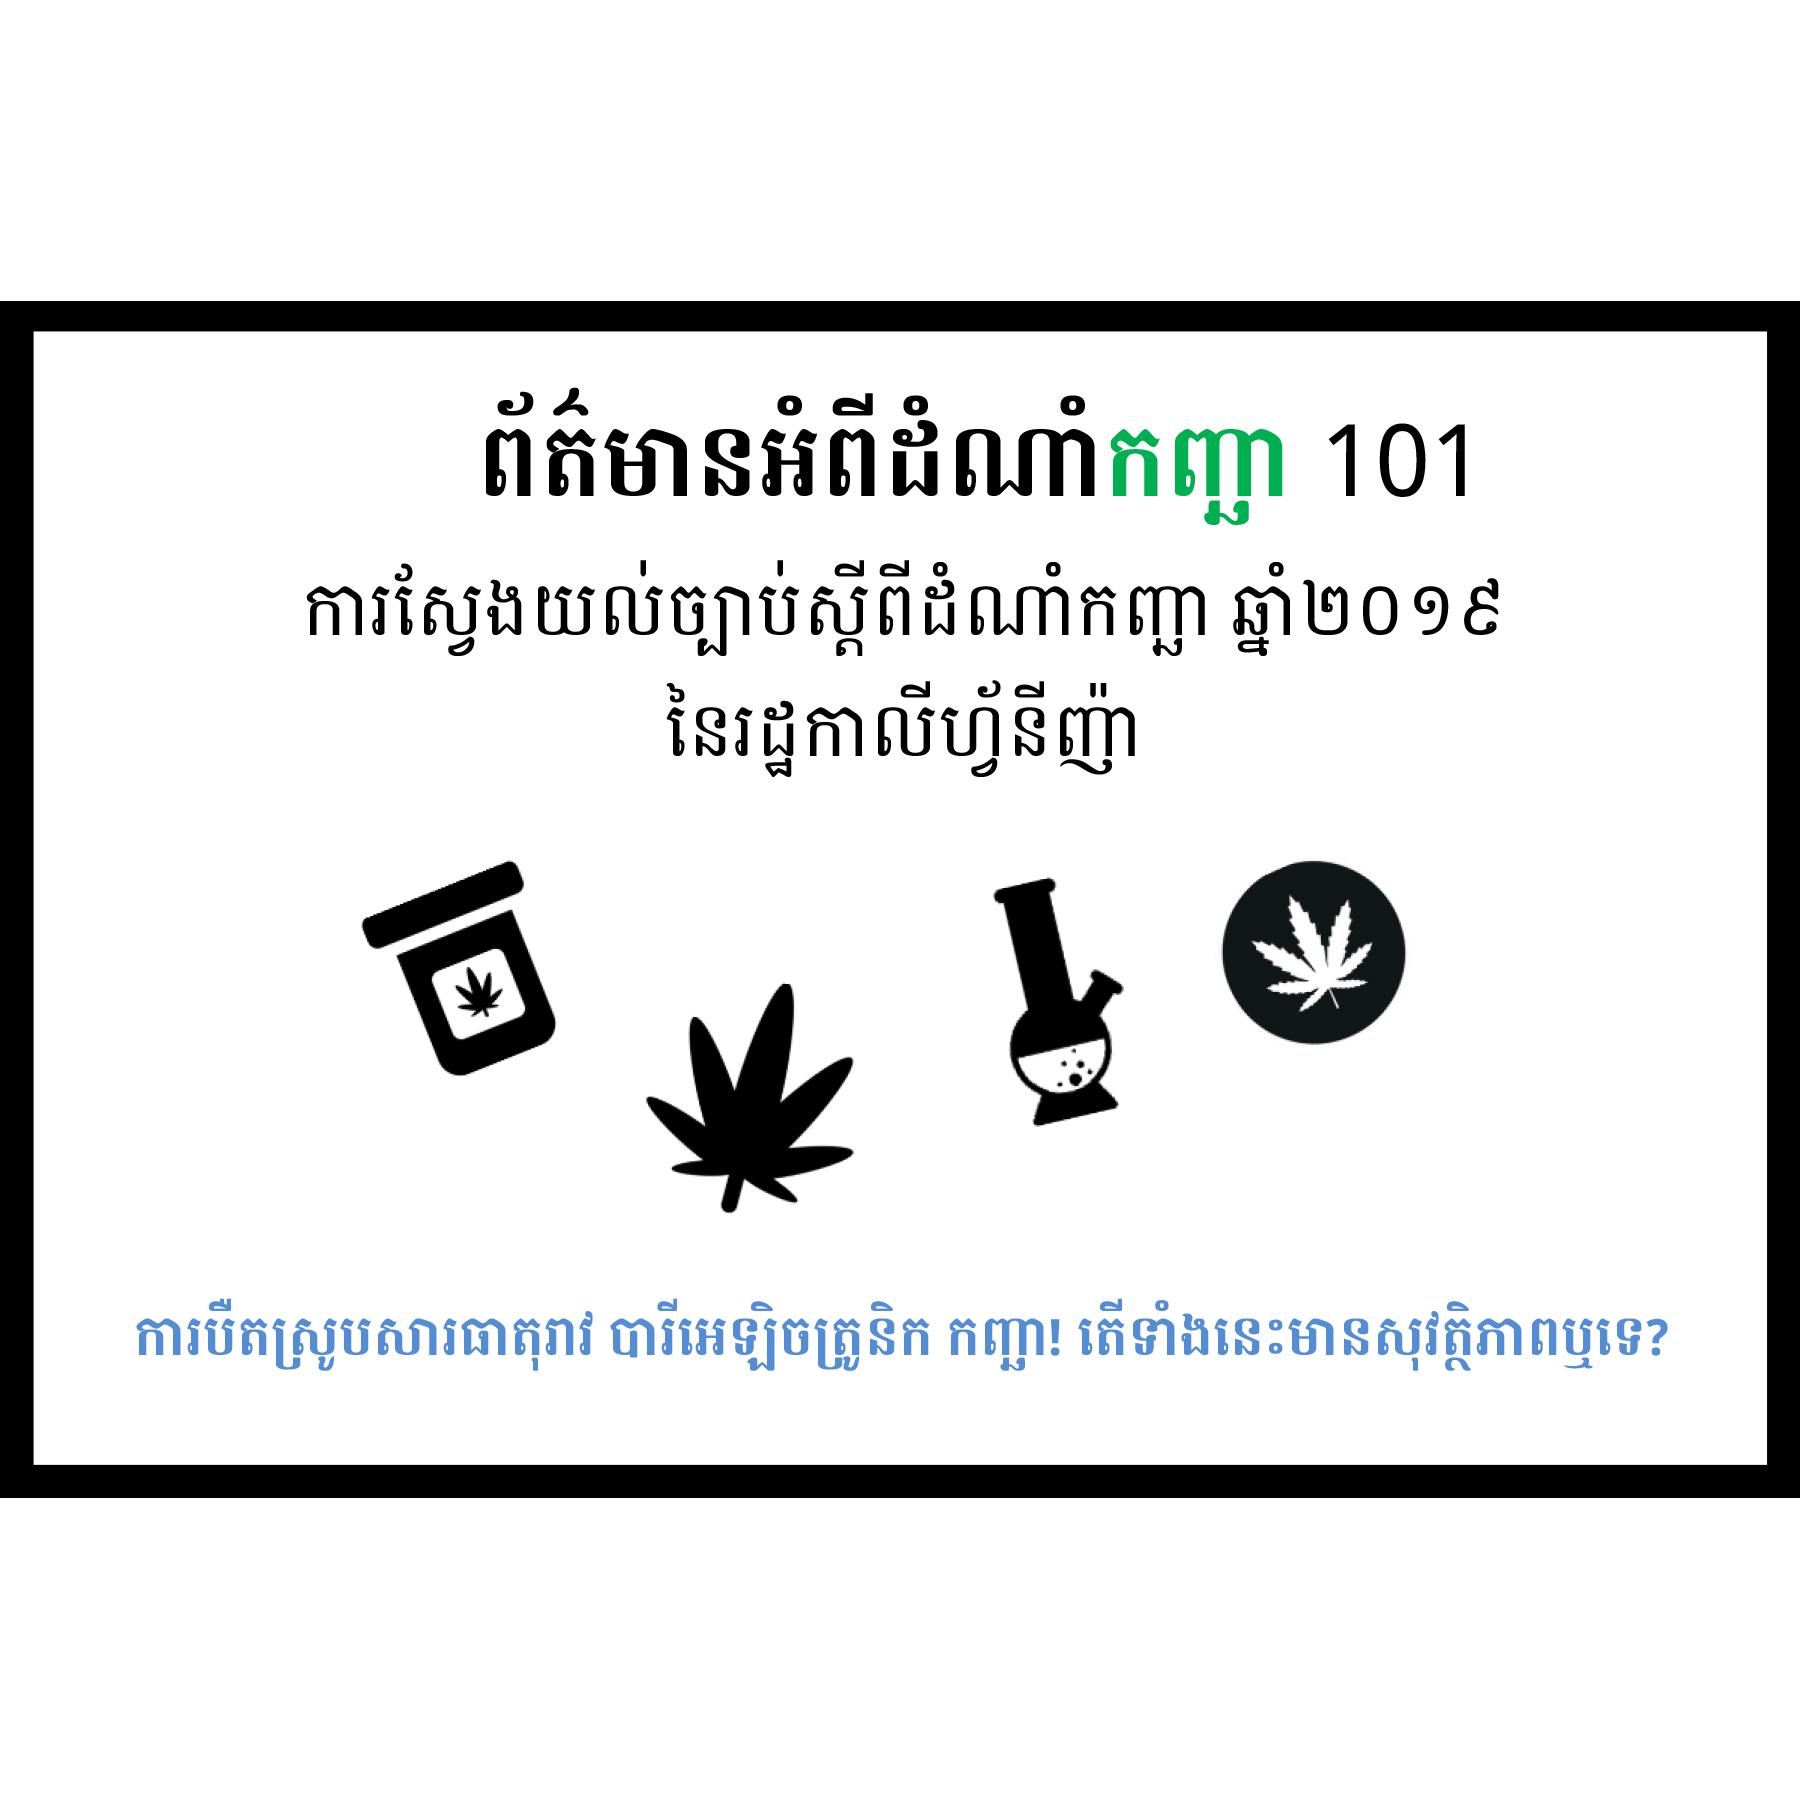 CannaBASICS 101 Khmer